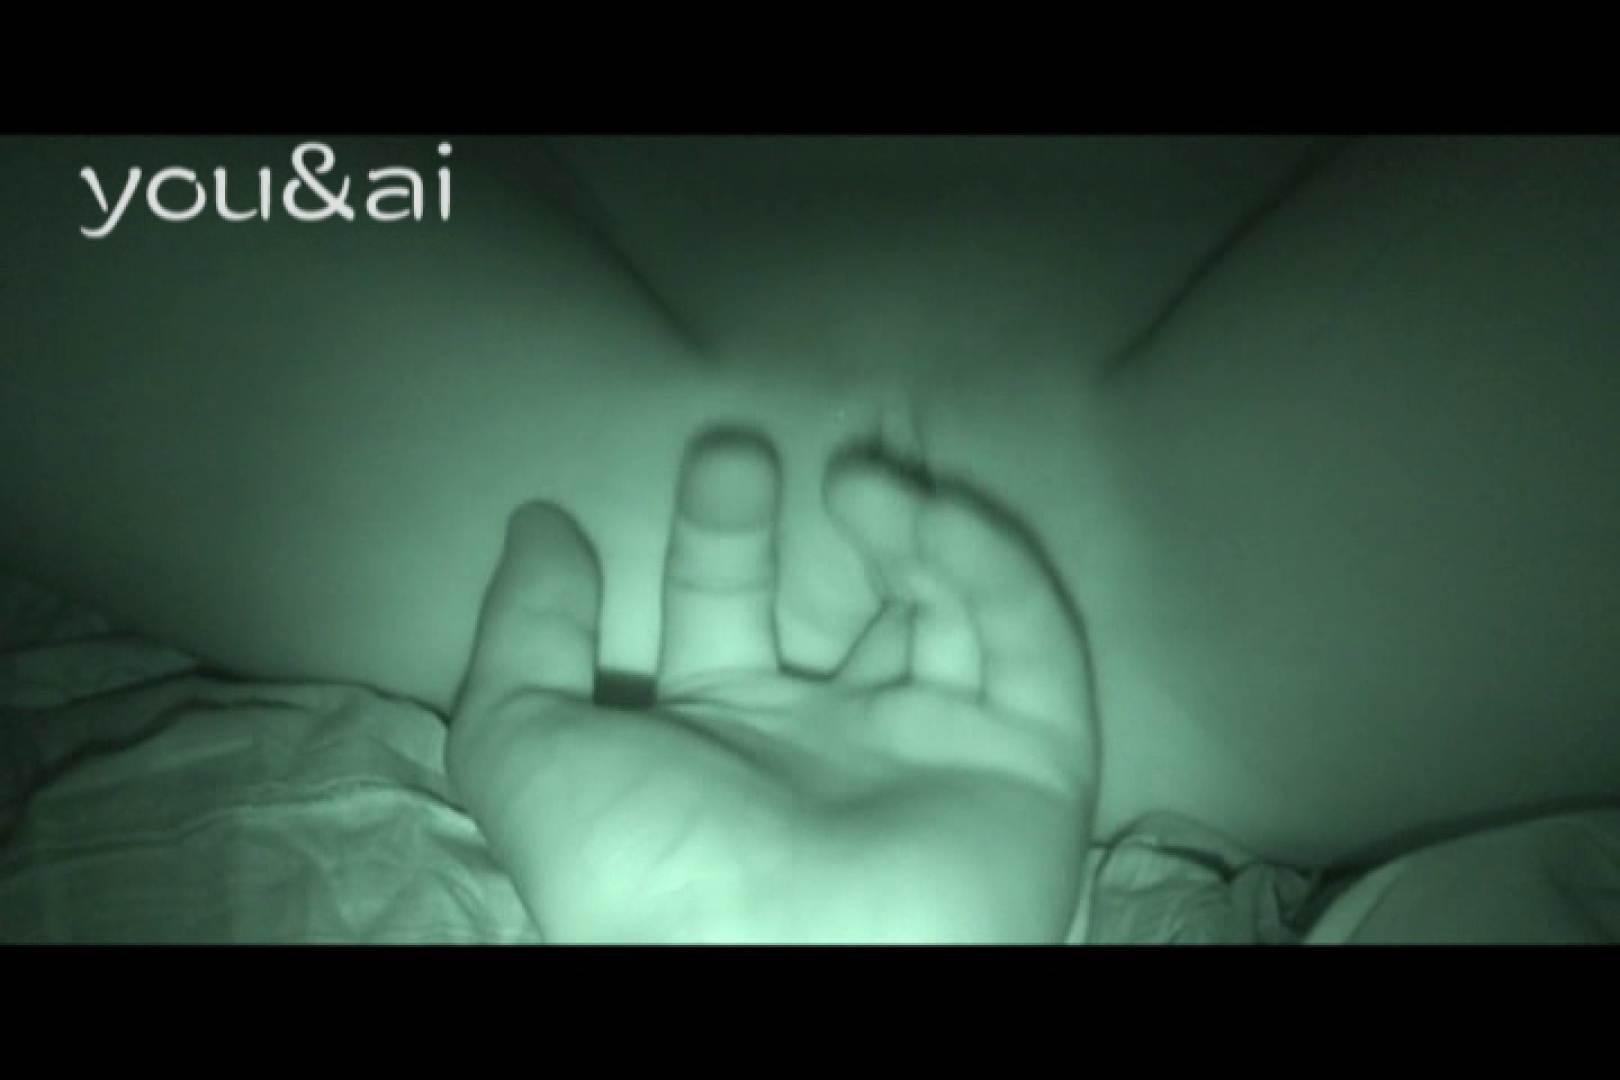 おしどり夫婦のyou&aiさん投稿作品vol.6 0  56pic 14